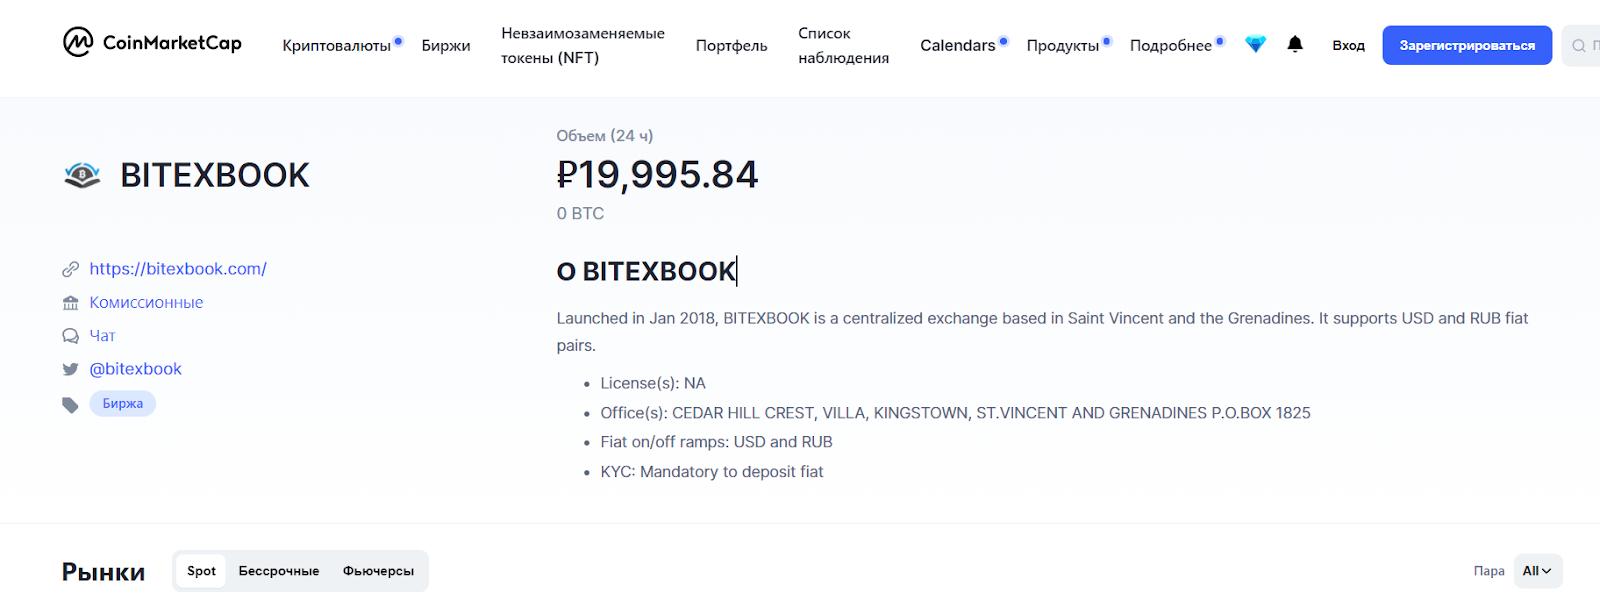 Отзывы о Bitexbook: криптобиржа нового поколения или лохотрон?